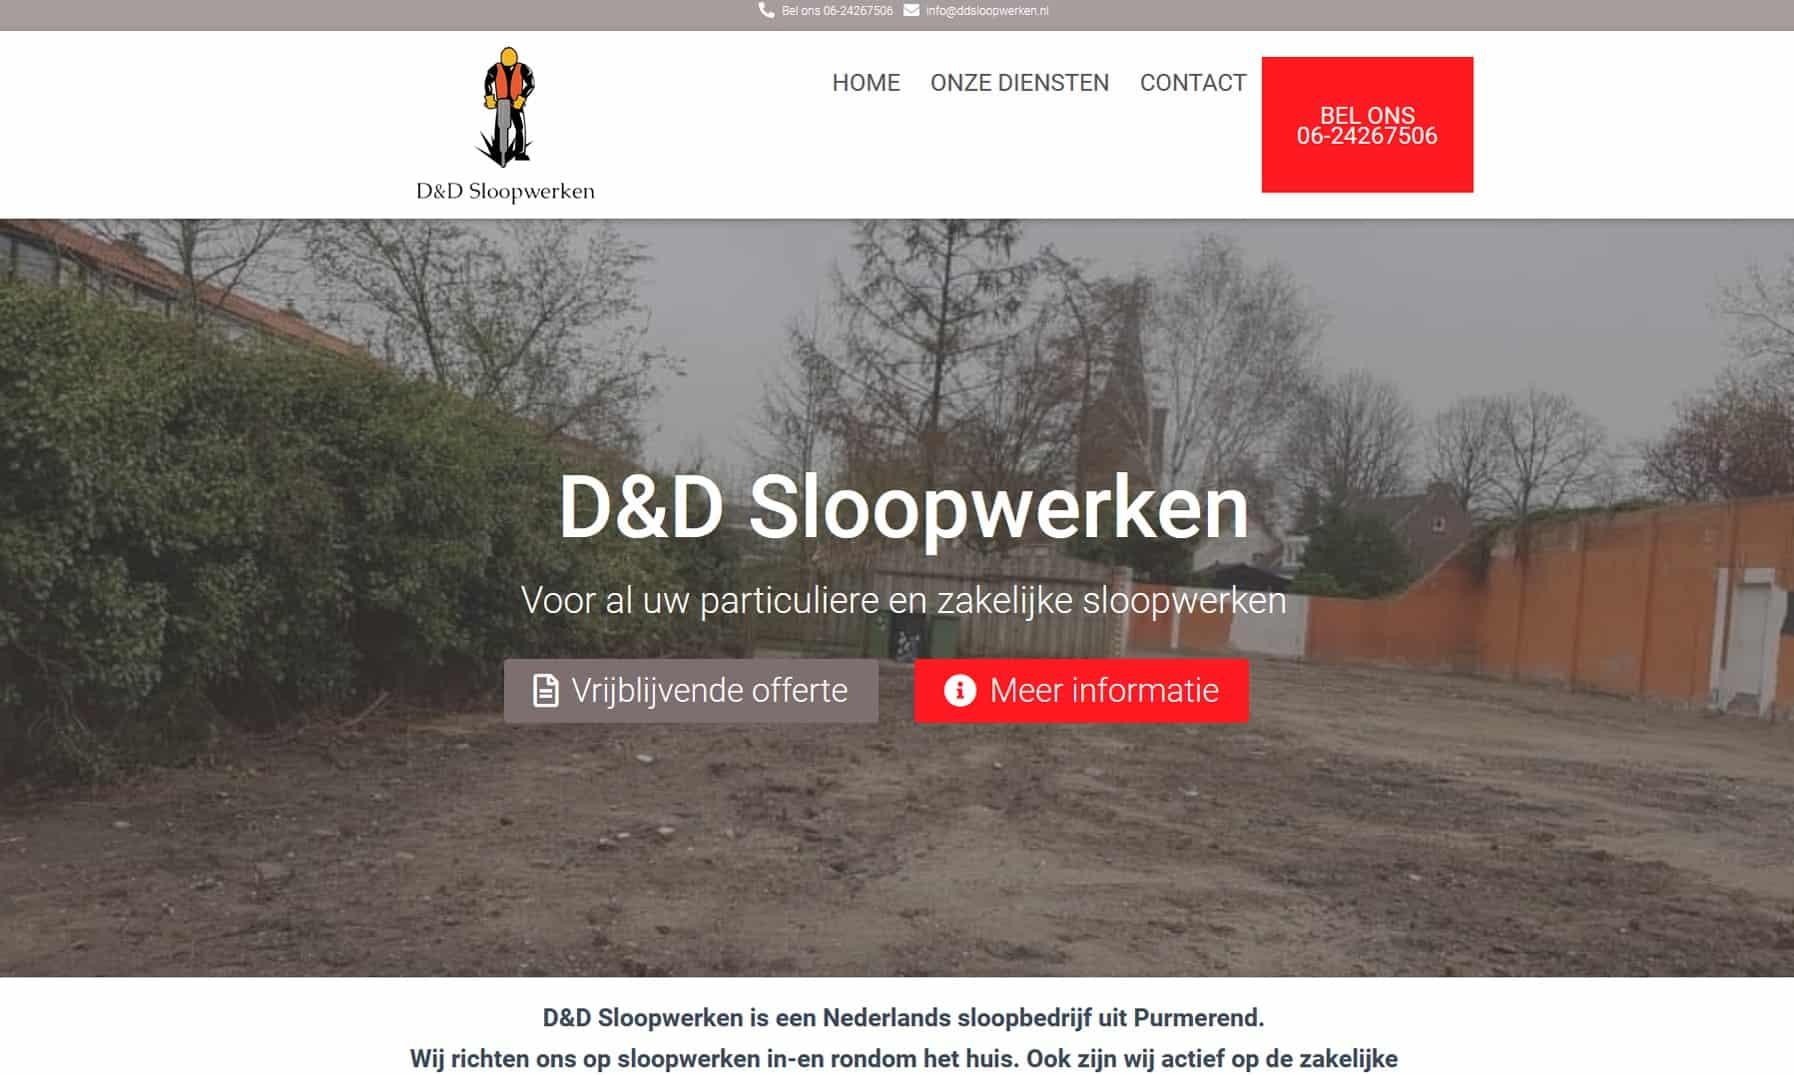 Website ddsloopwerken.nl gemaakt door kylianswebdesign.nl